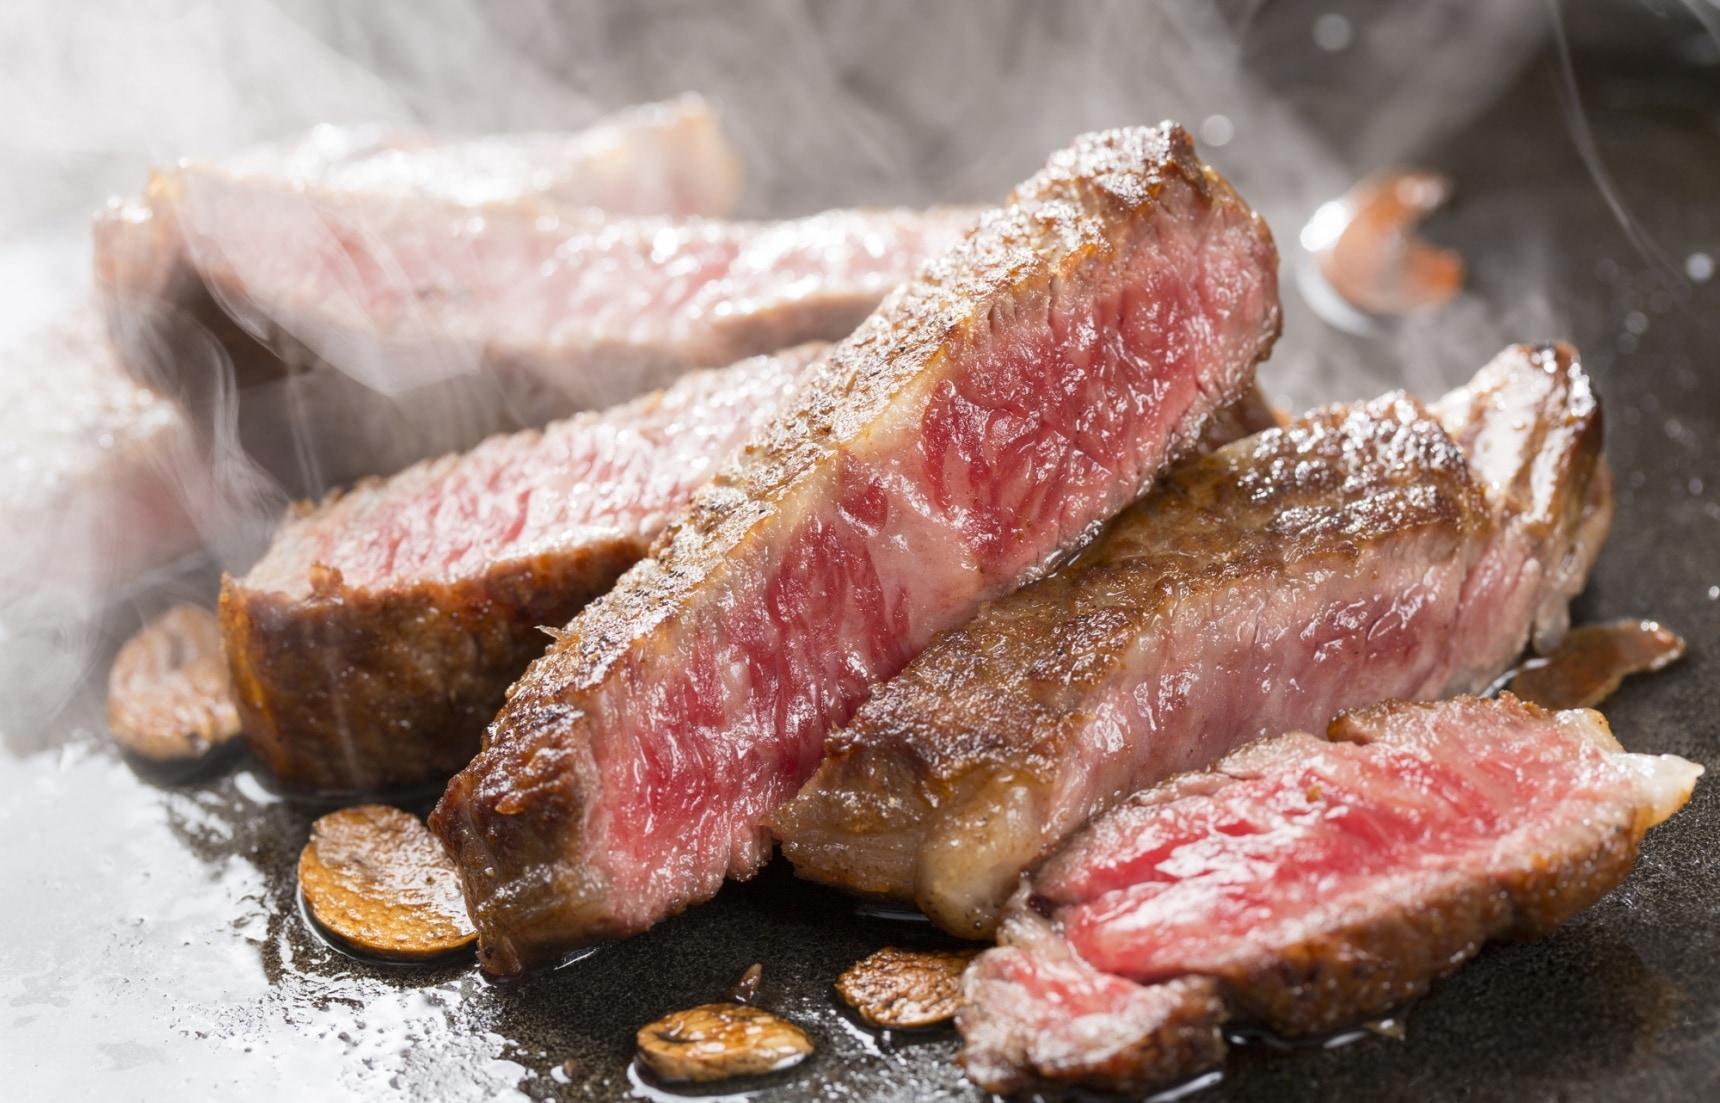 【大阪美食】肉食主義者注意!平價實惠的黑毛和牛燒肉店10選